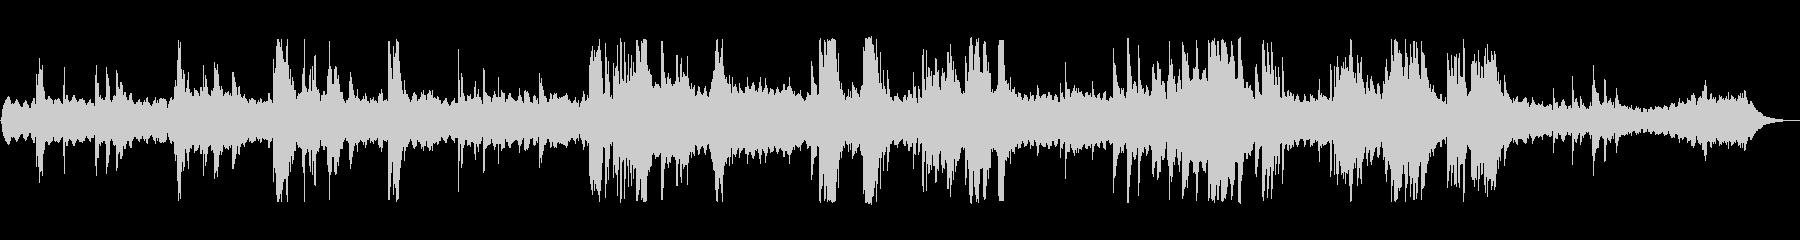 ピアノとシンセのSF風アンビエントの未再生の波形